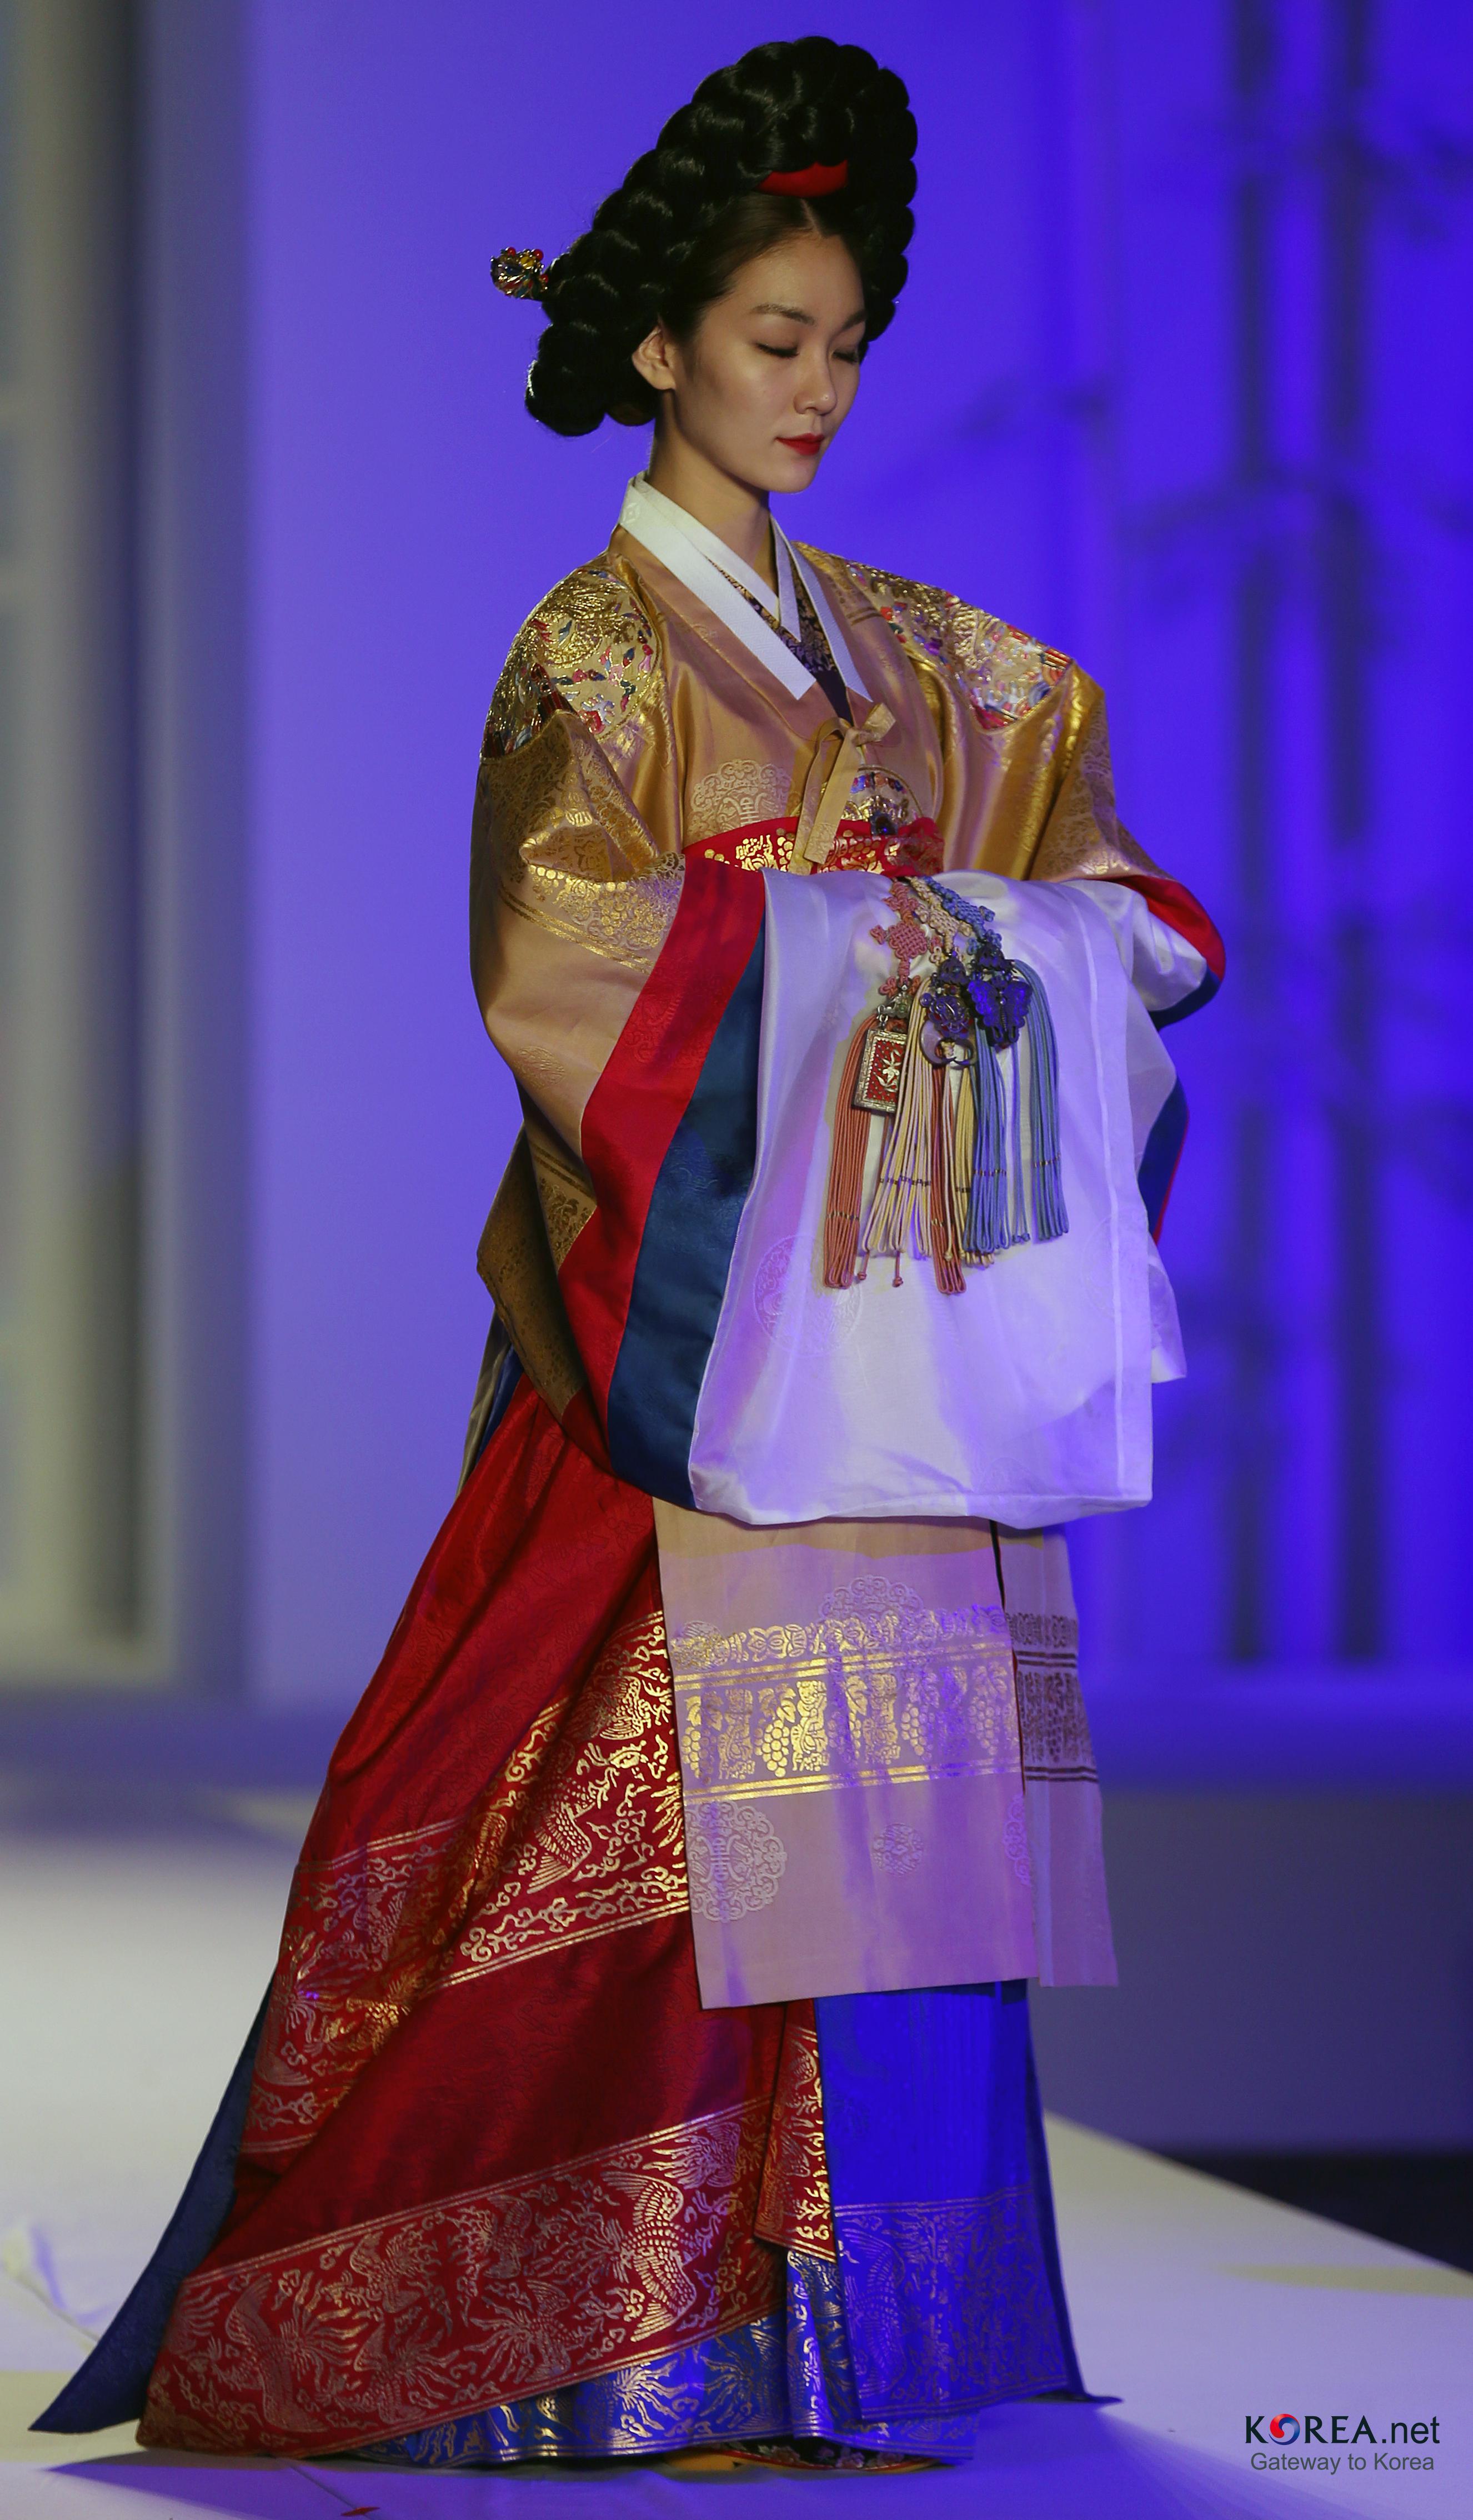 filekocis korea hanbokaodai fashionshow 50 9766399225